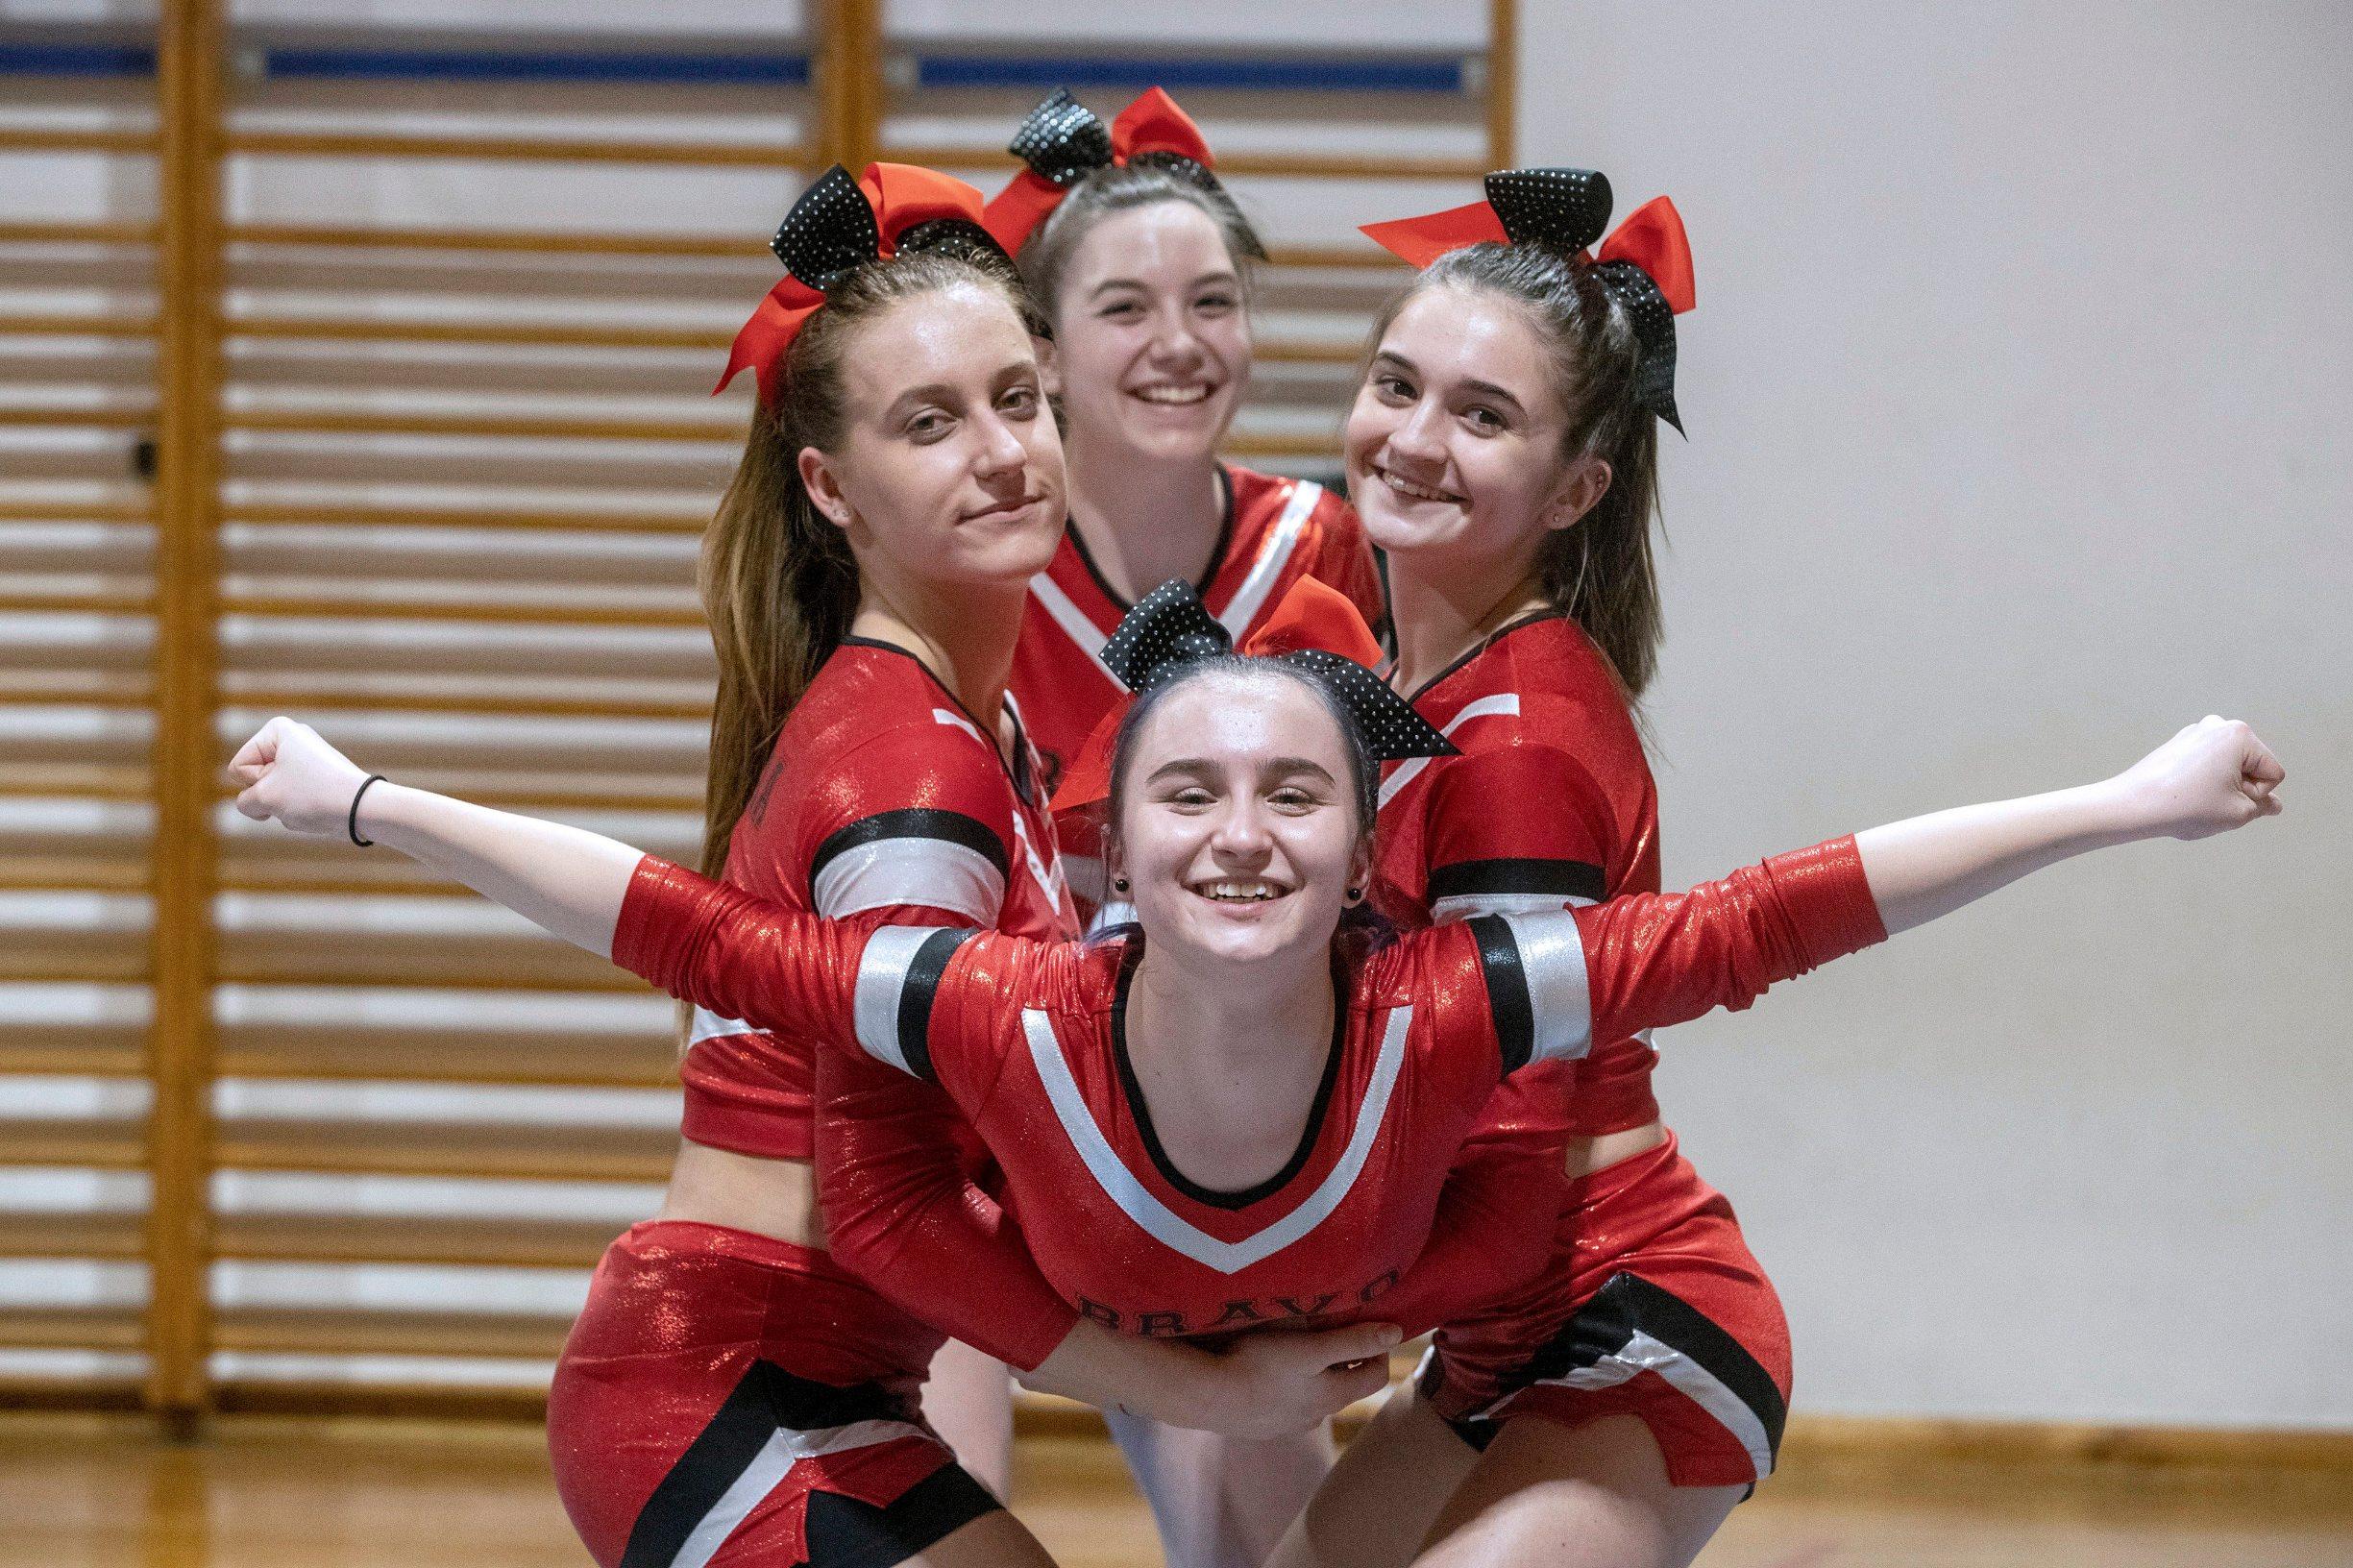 Varazdin, 050220. Trening cheerleadersica iz Varazdina koje se spremaju za nastup u Miamiju. Foto: Zeljko Hajdinjak / CROPIX